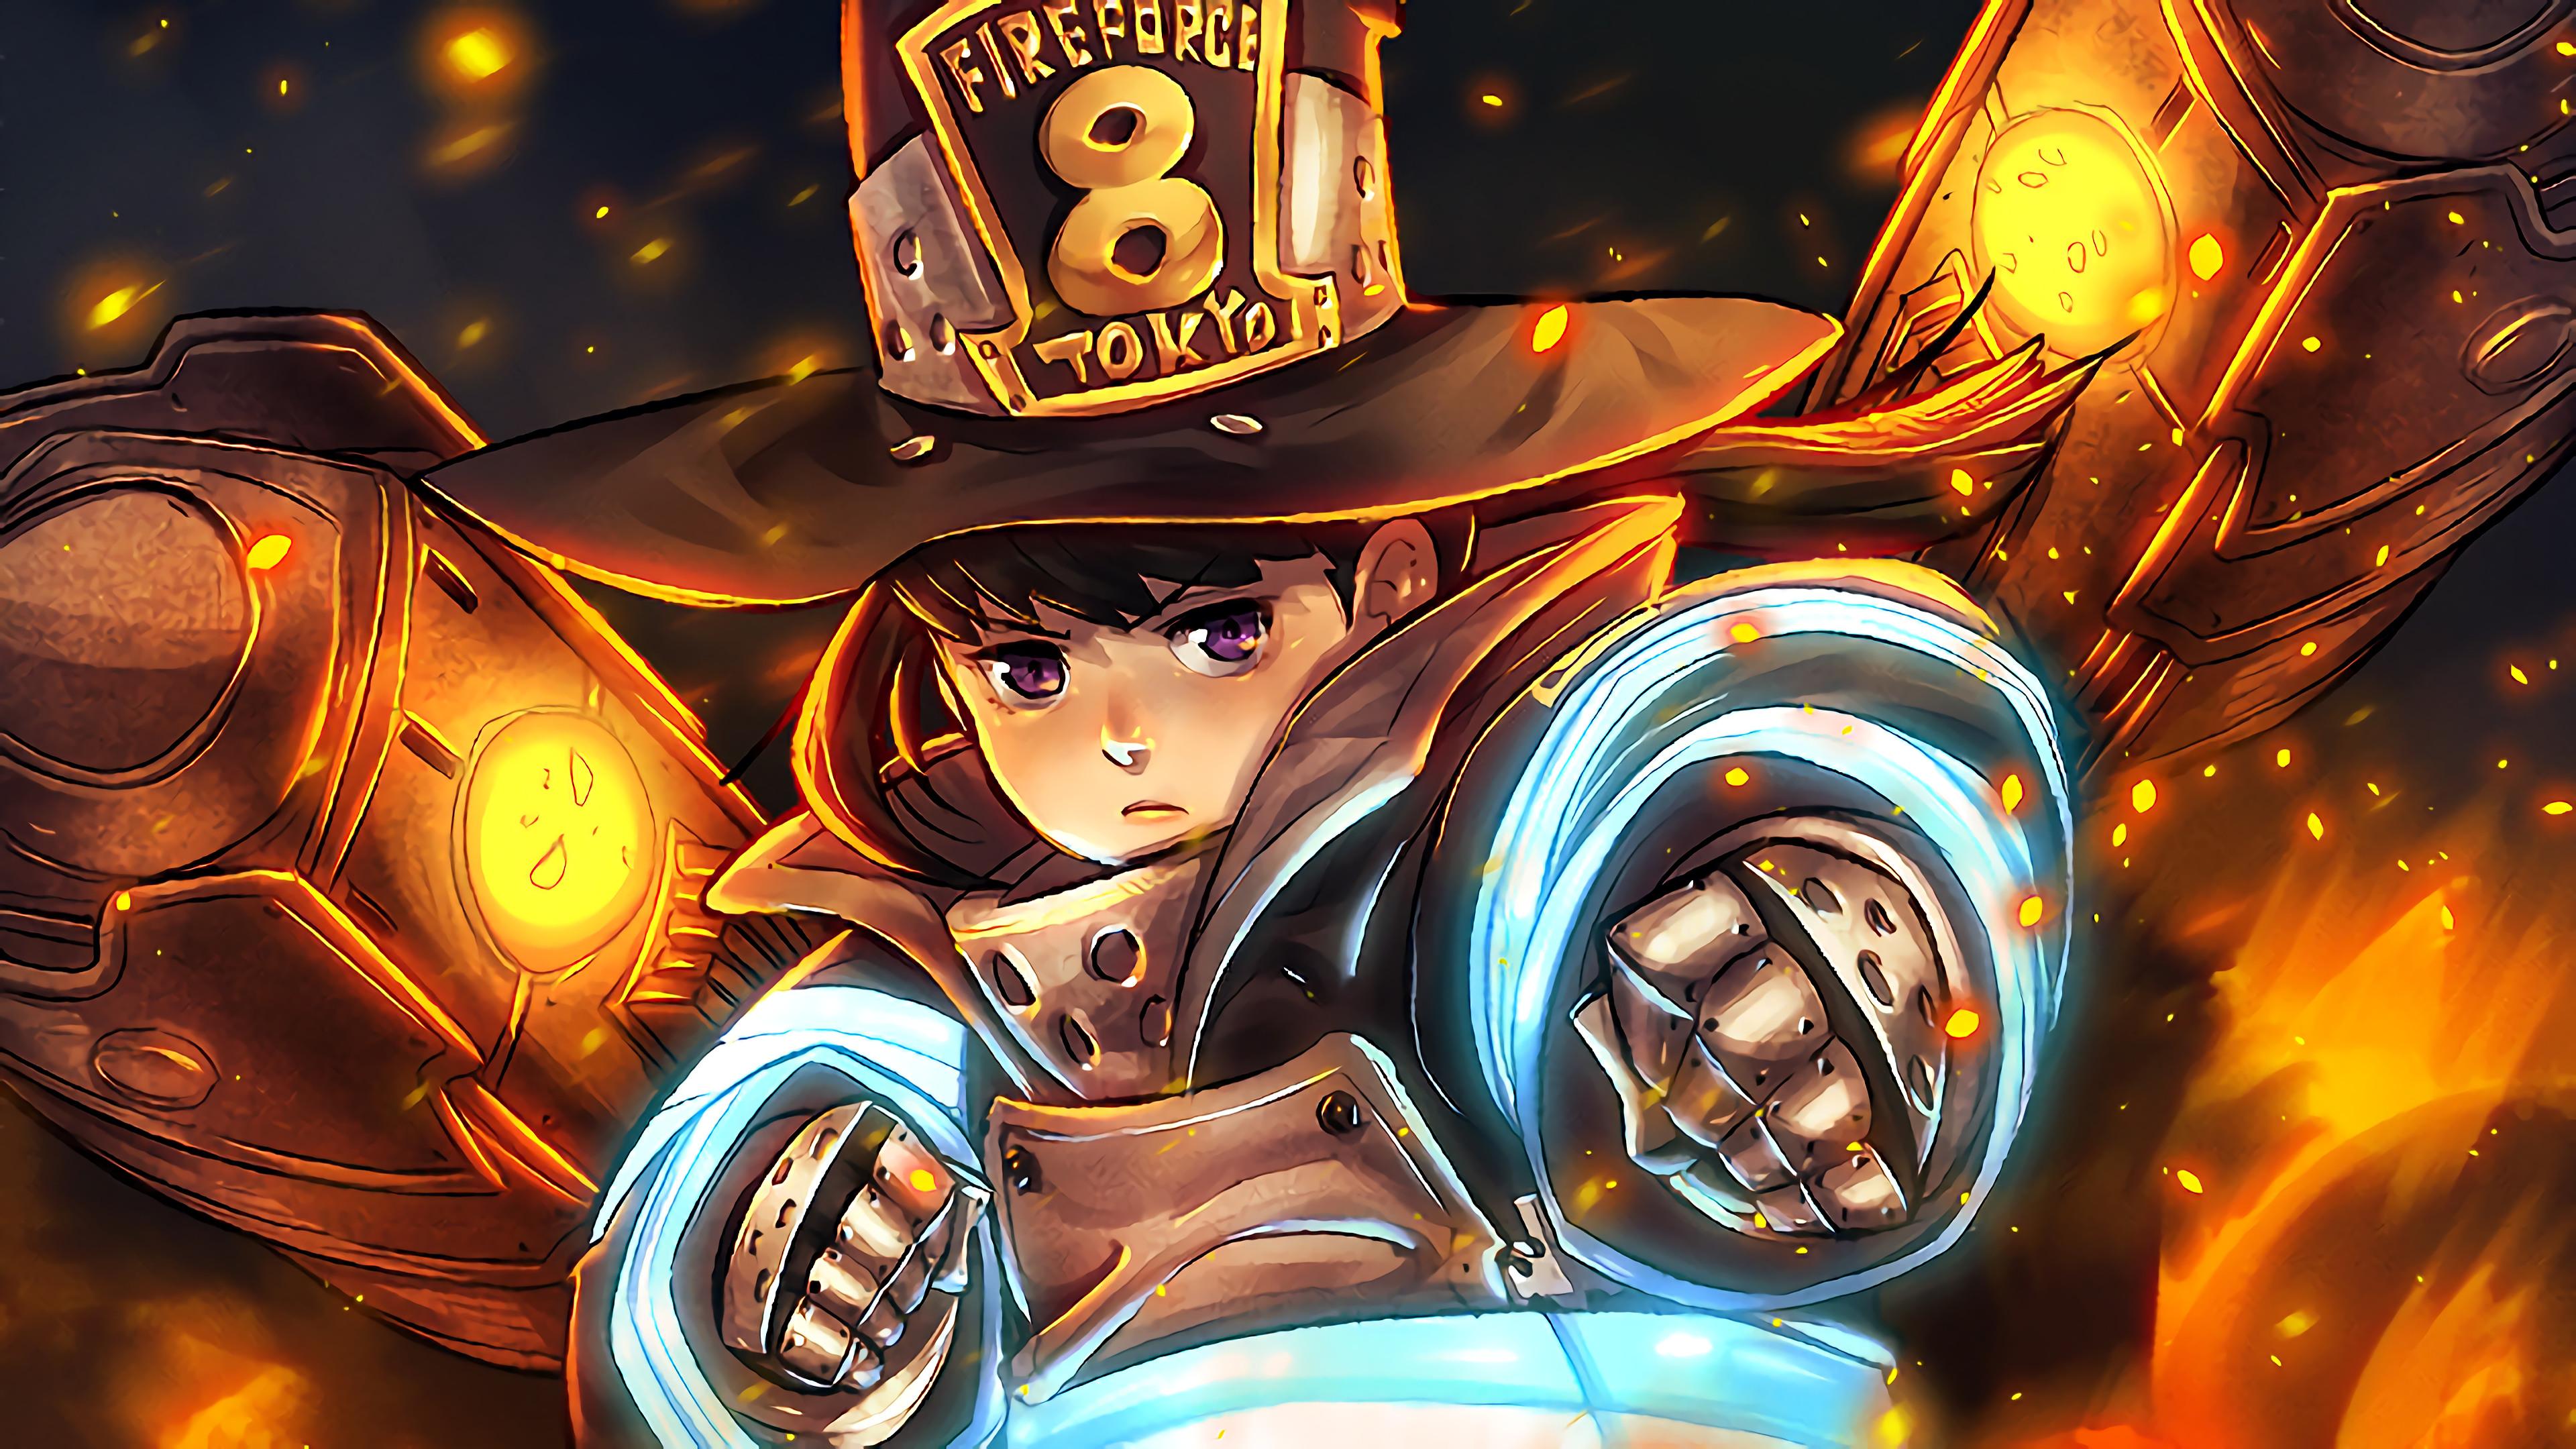 Sci Fi Wallpaper Iphone 6 Fire Force Maki Oze 4k 23 Wallpaper